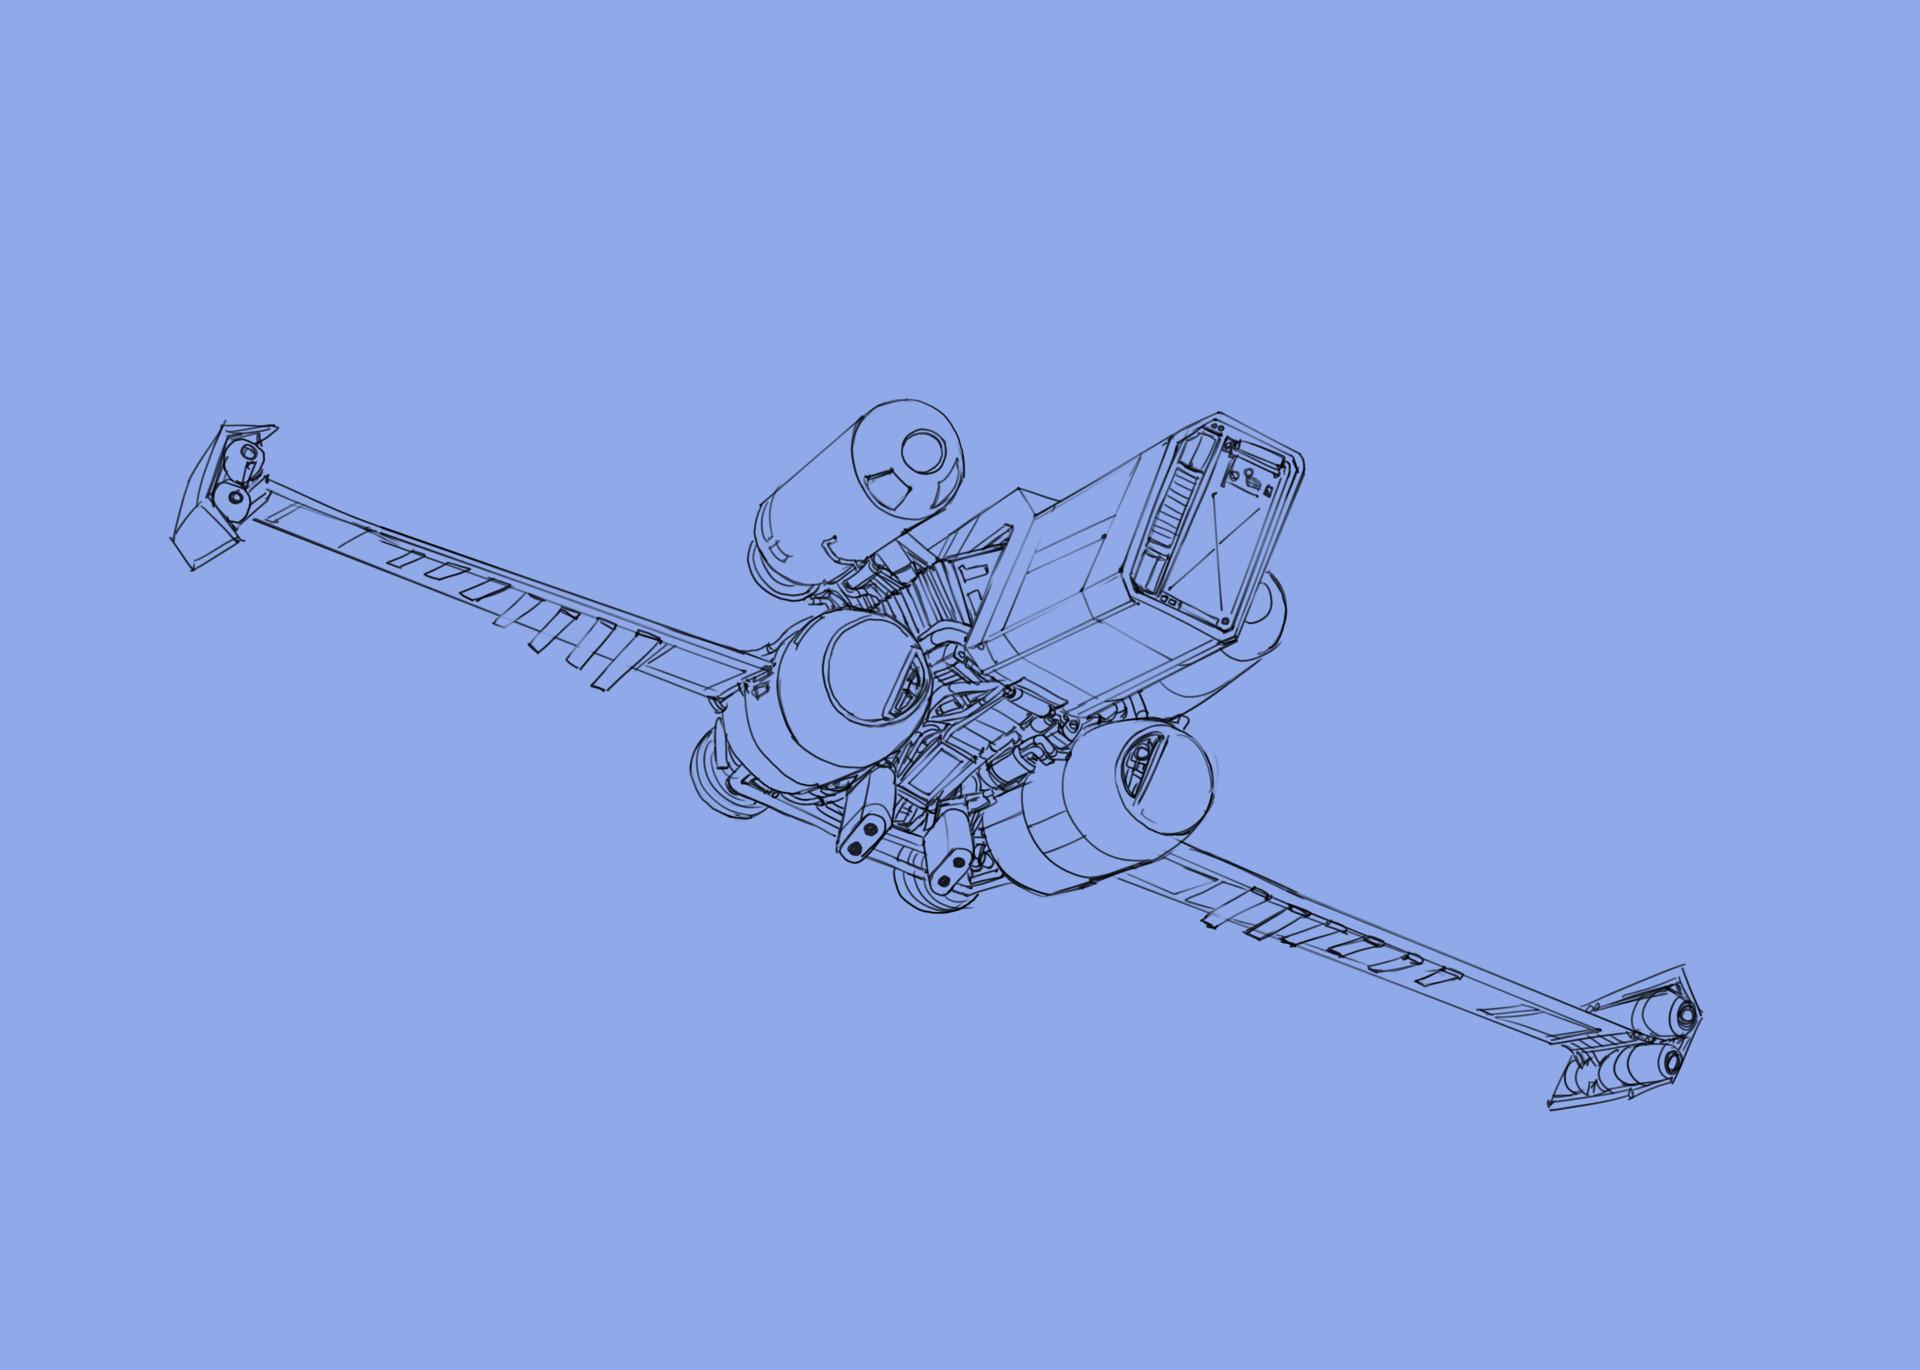 Eric geusz landing wip2